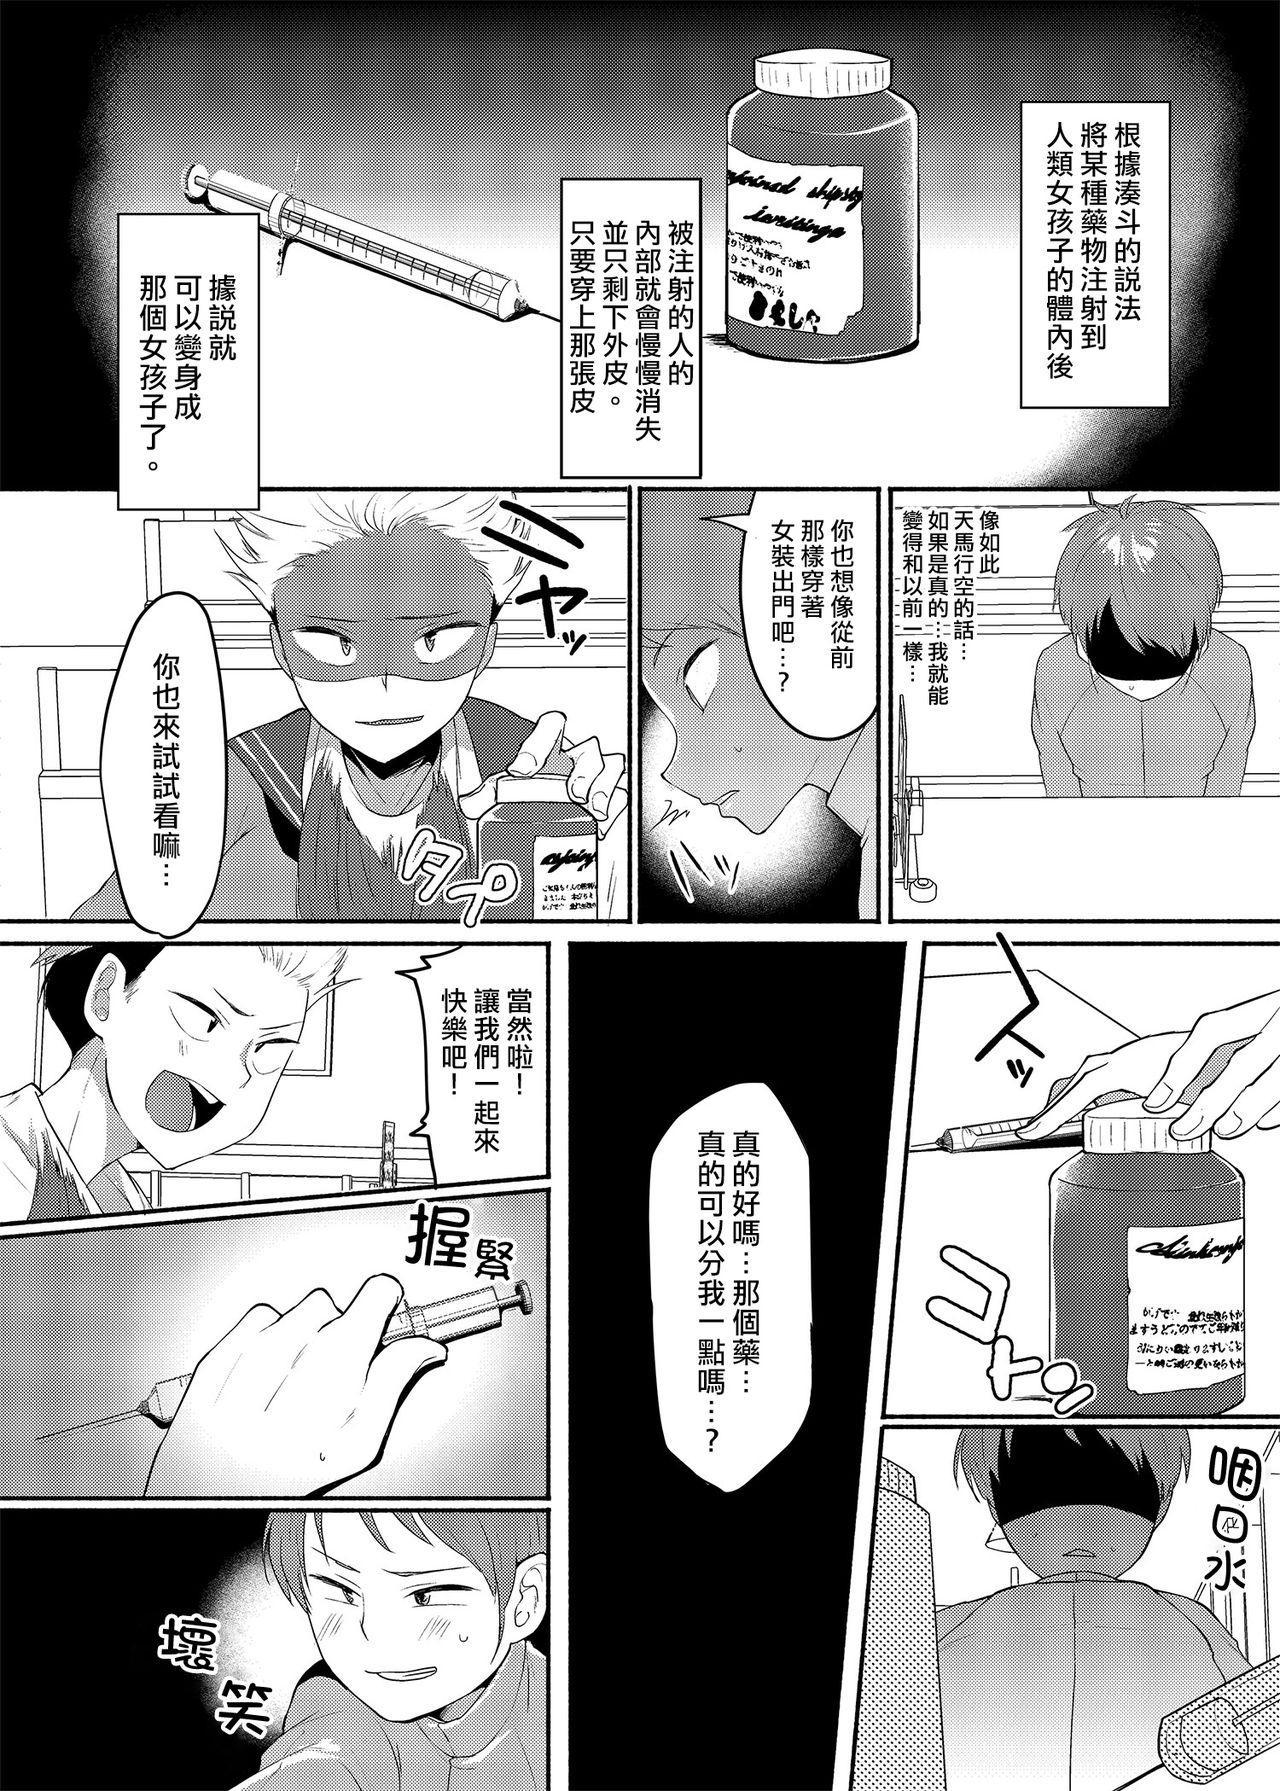 Josouheki ga Kojiretara Konna Otona ni Narimashita 5